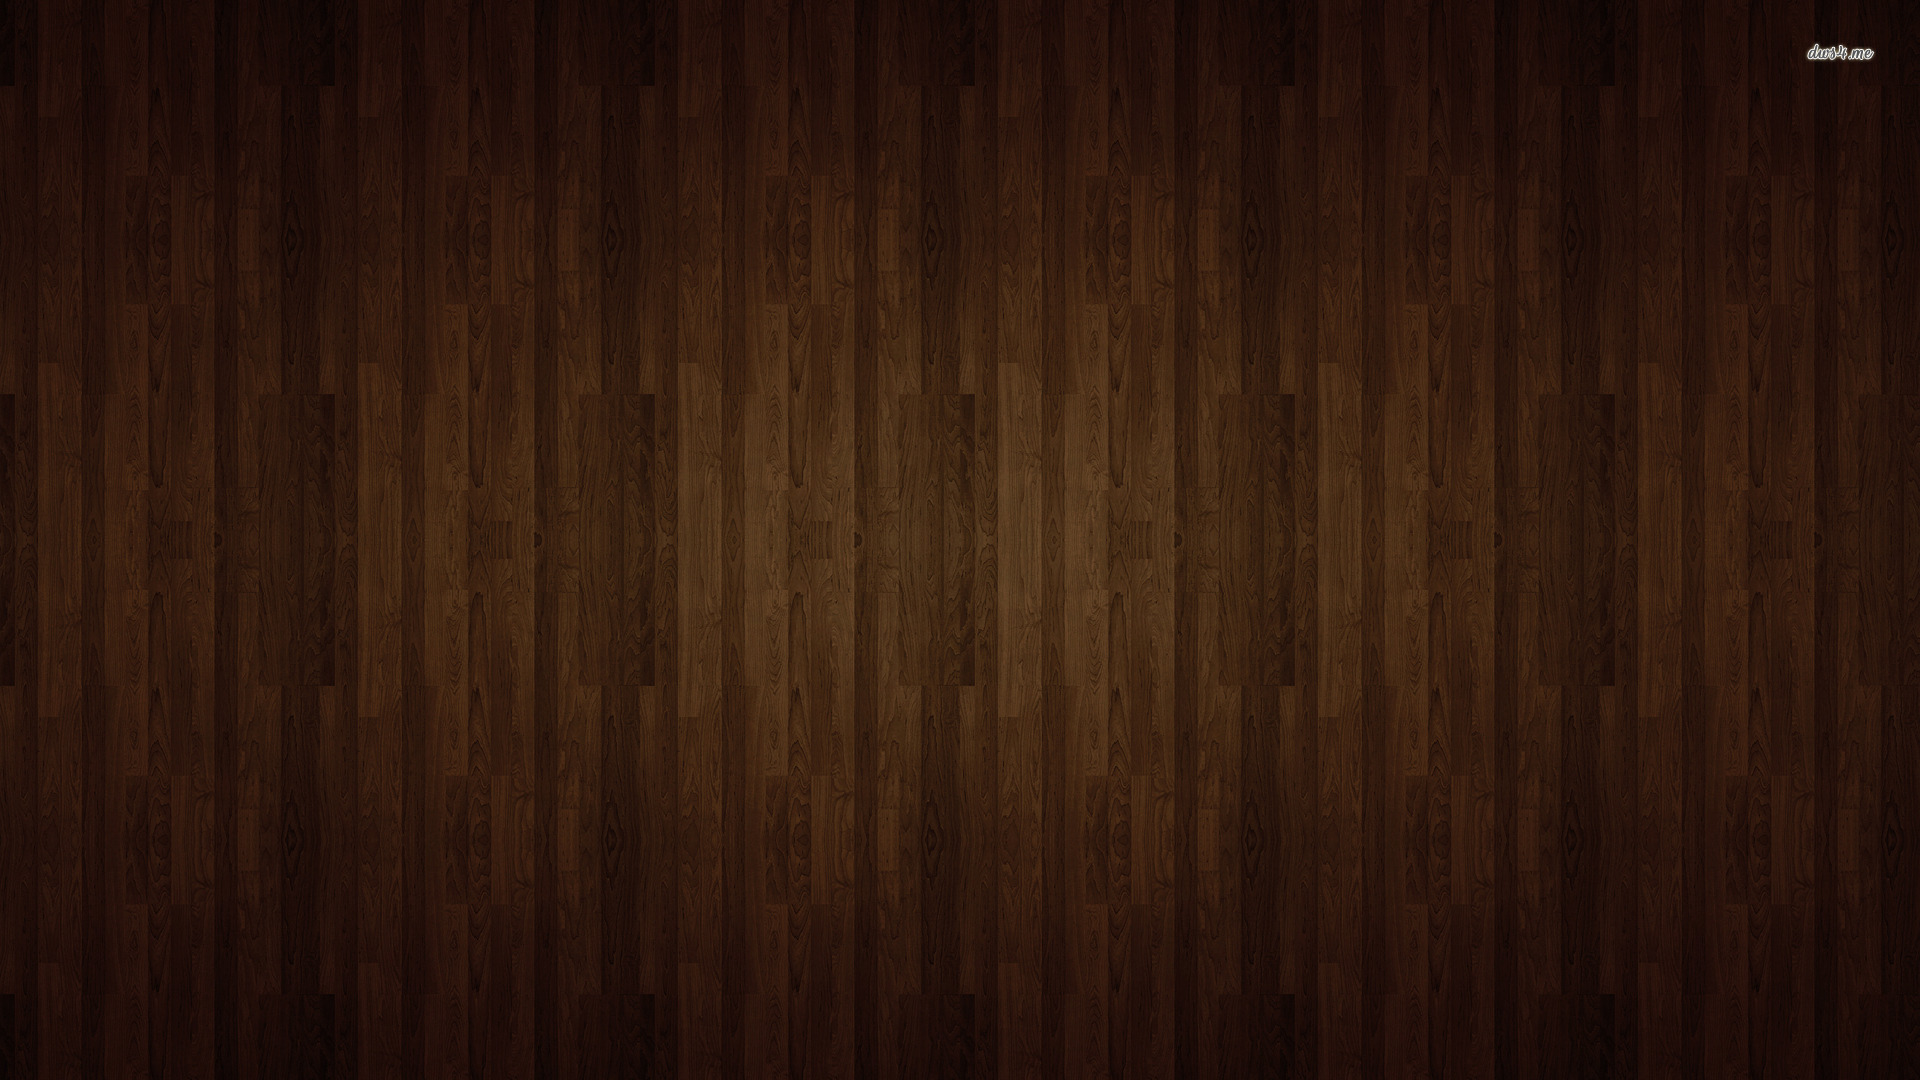 ارضيات خشبيه للتصميم 3 ارضيات خشبيه للتصميم